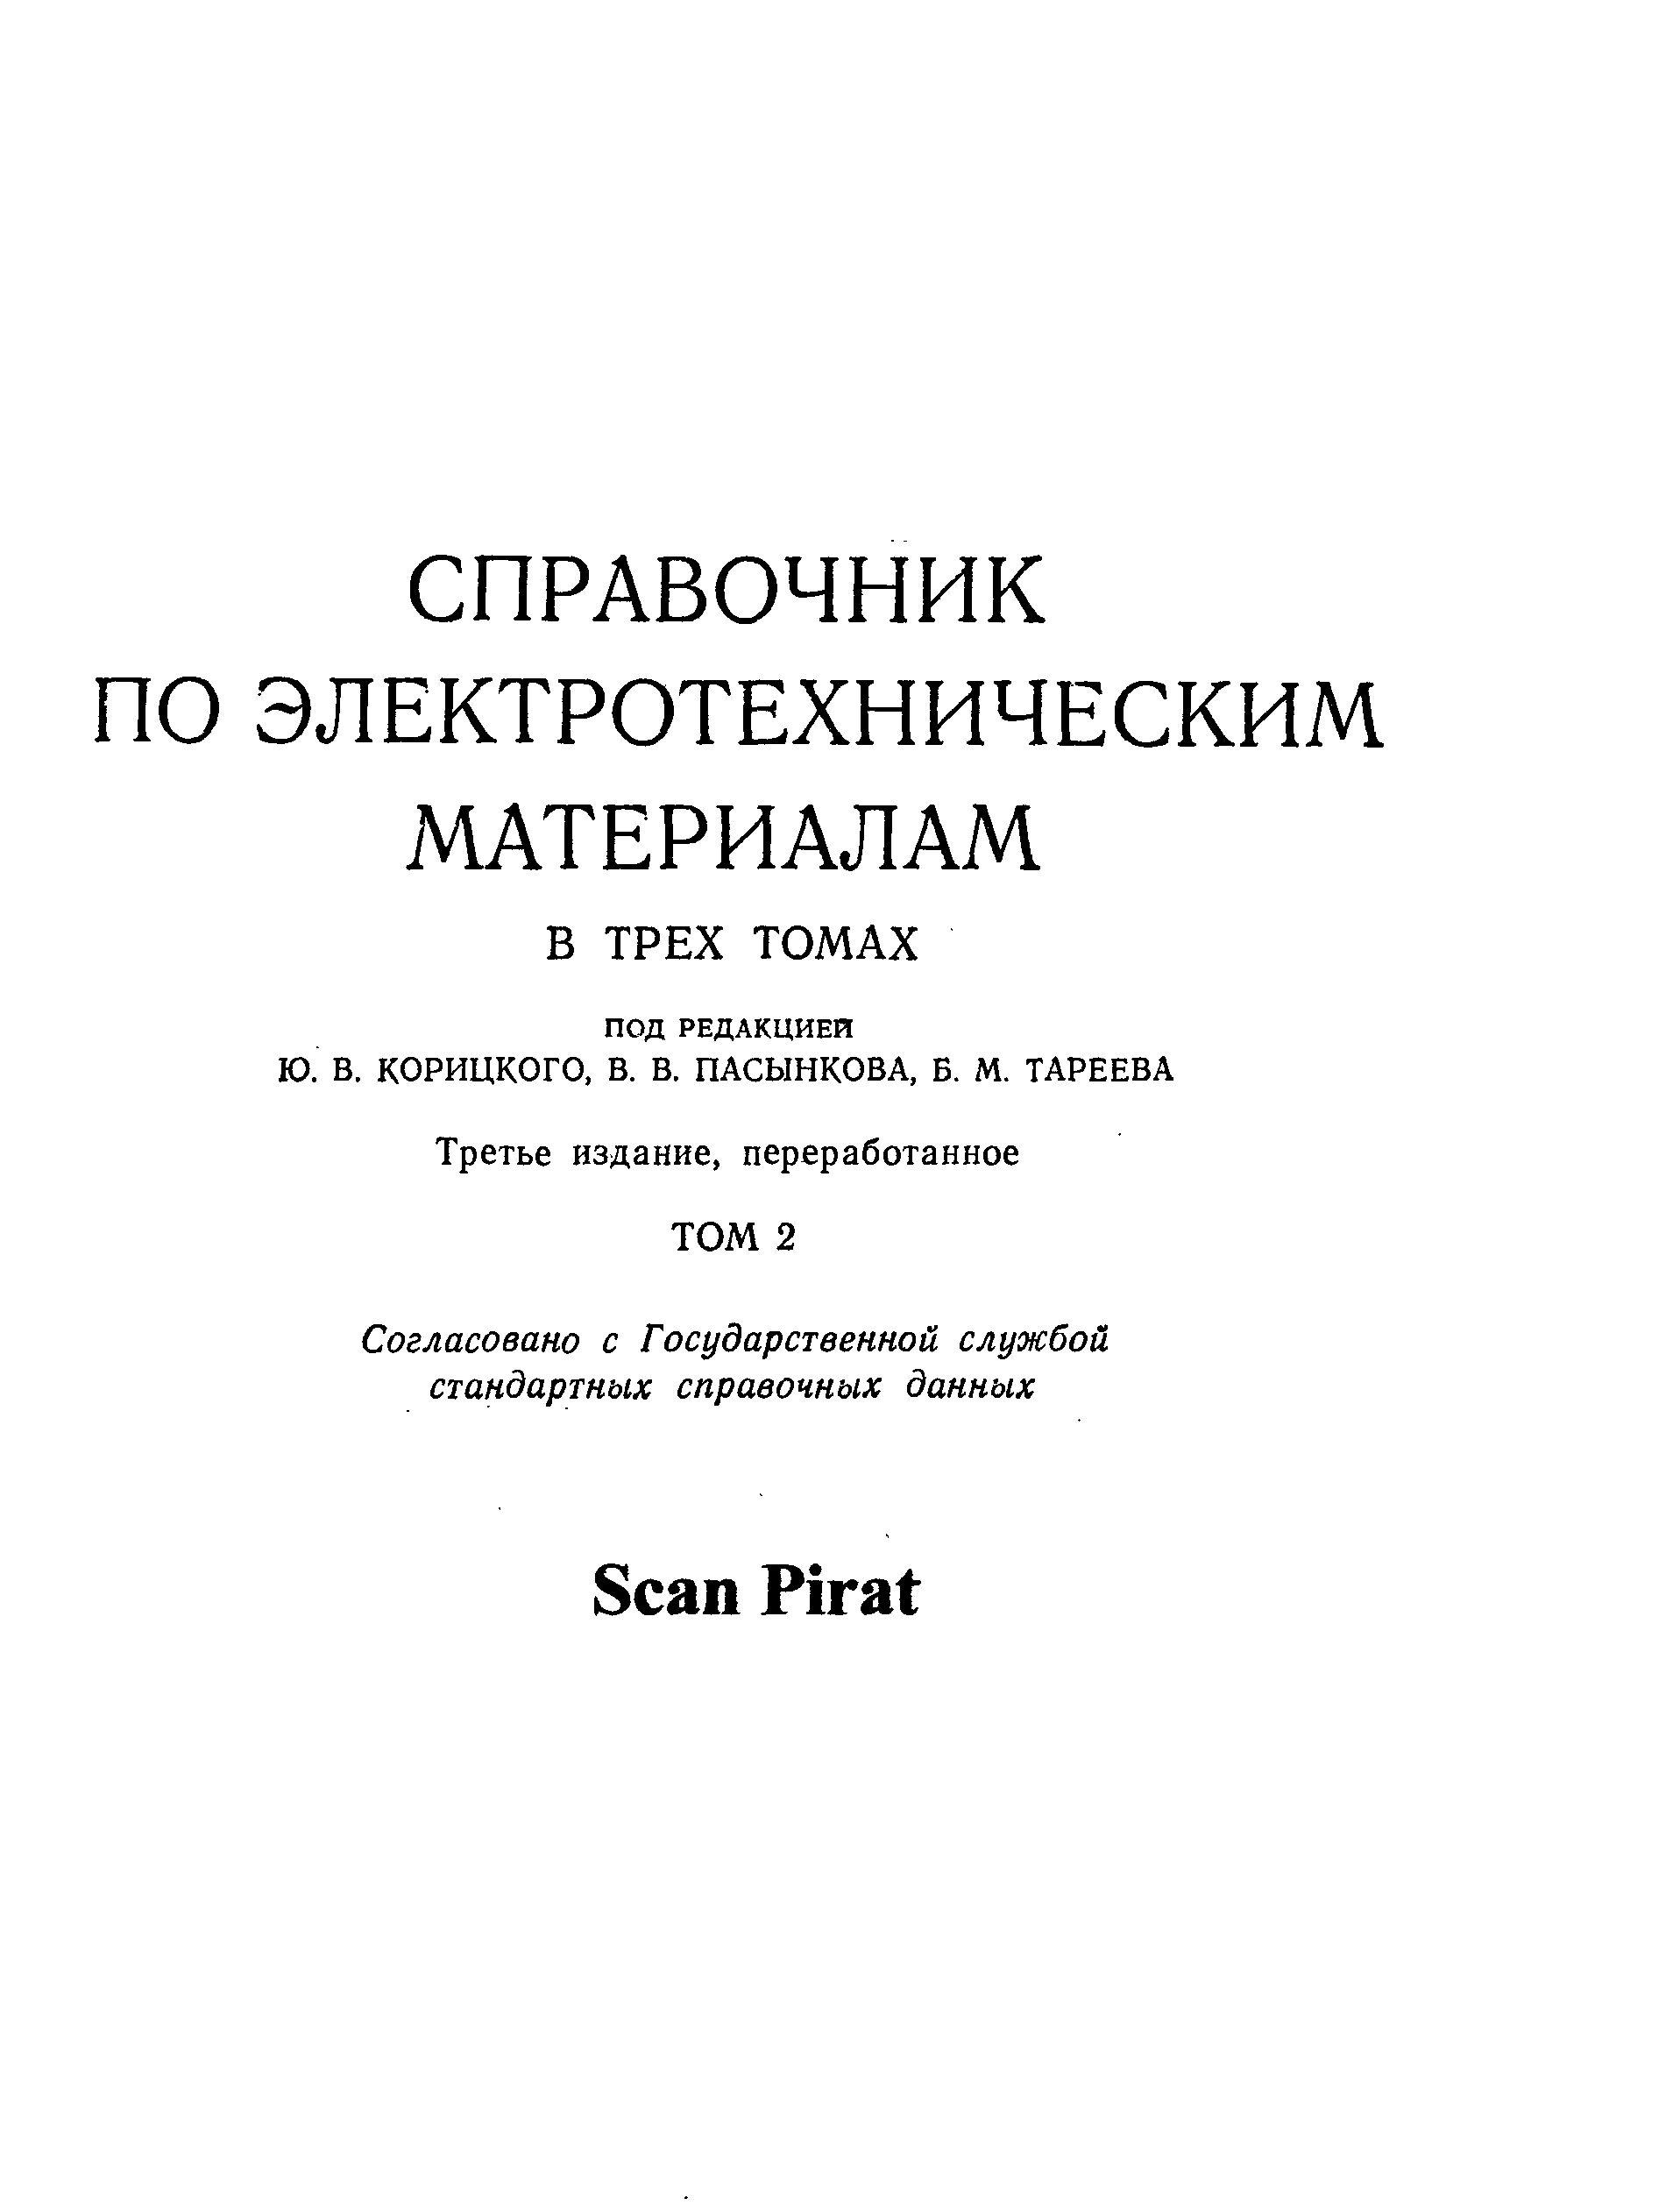 Справочник по электротехническим материалам том2